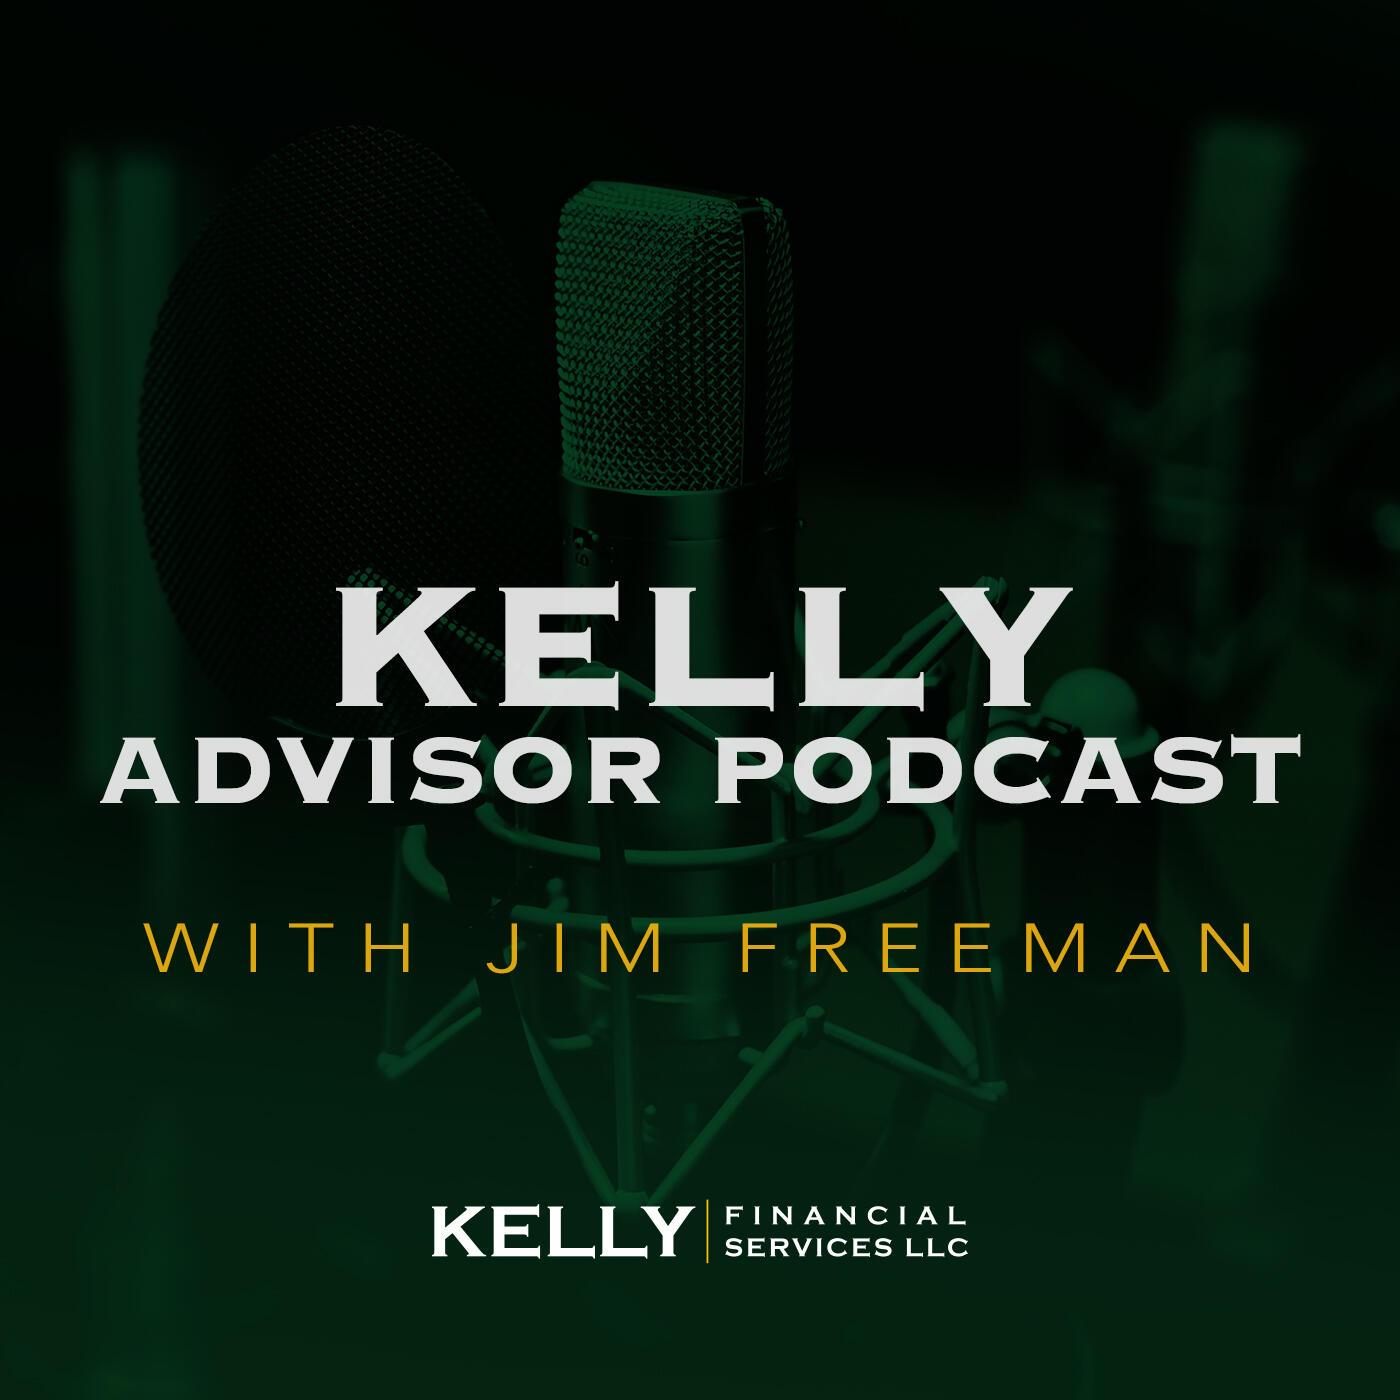 Kelly Advisor Podcast